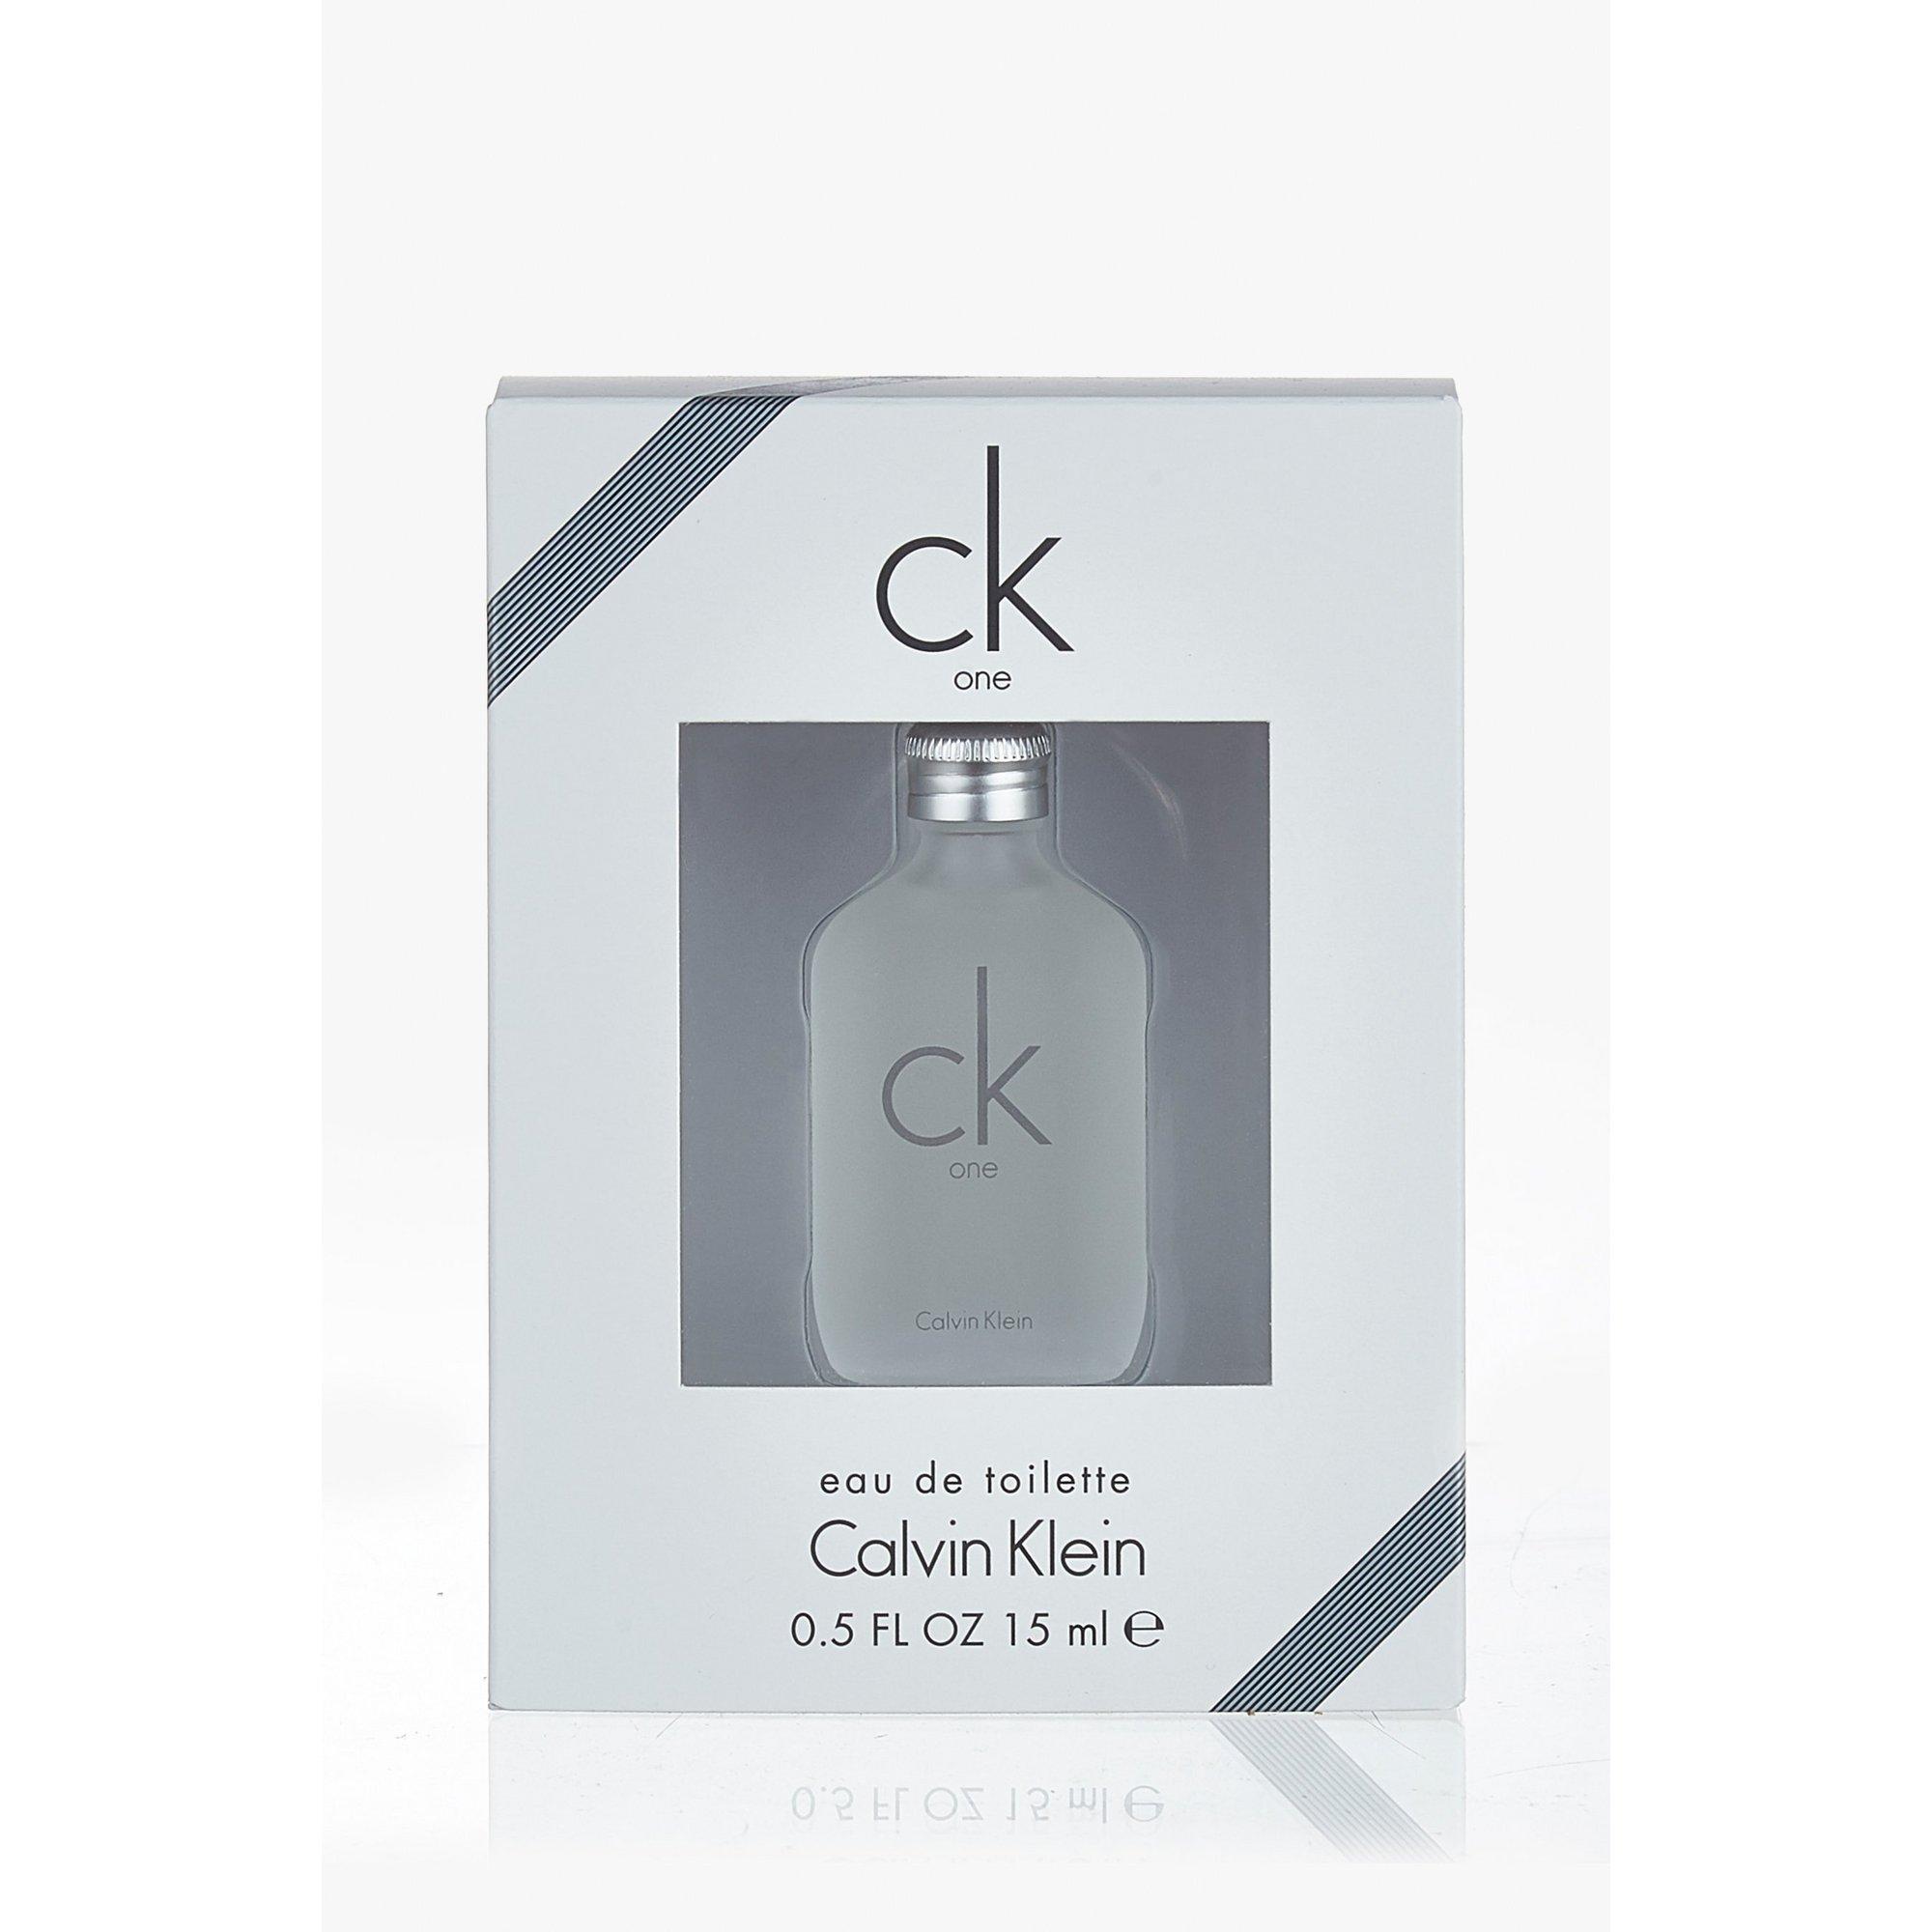 Image of Calvin Klein CK1 15ml Eau De Toilette